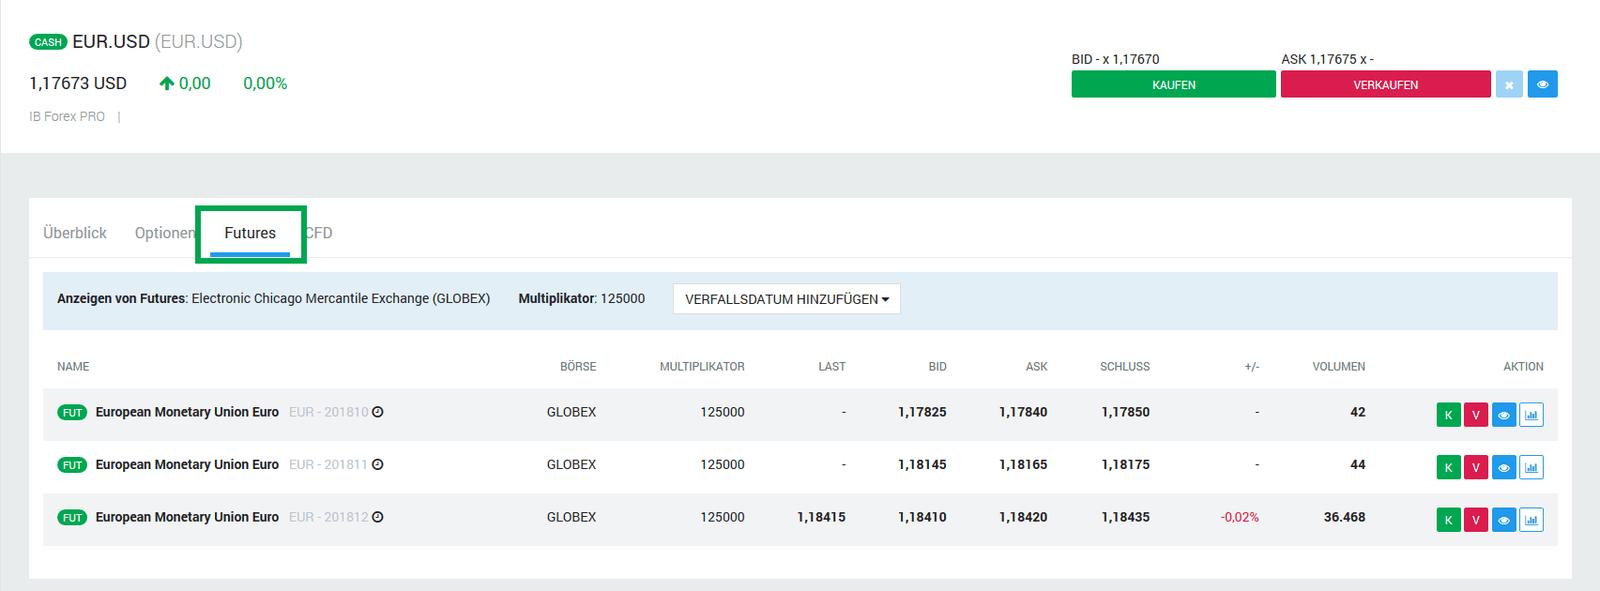 Neue Funktionen in LYNX Basic: So finden Sie Forex-Futures